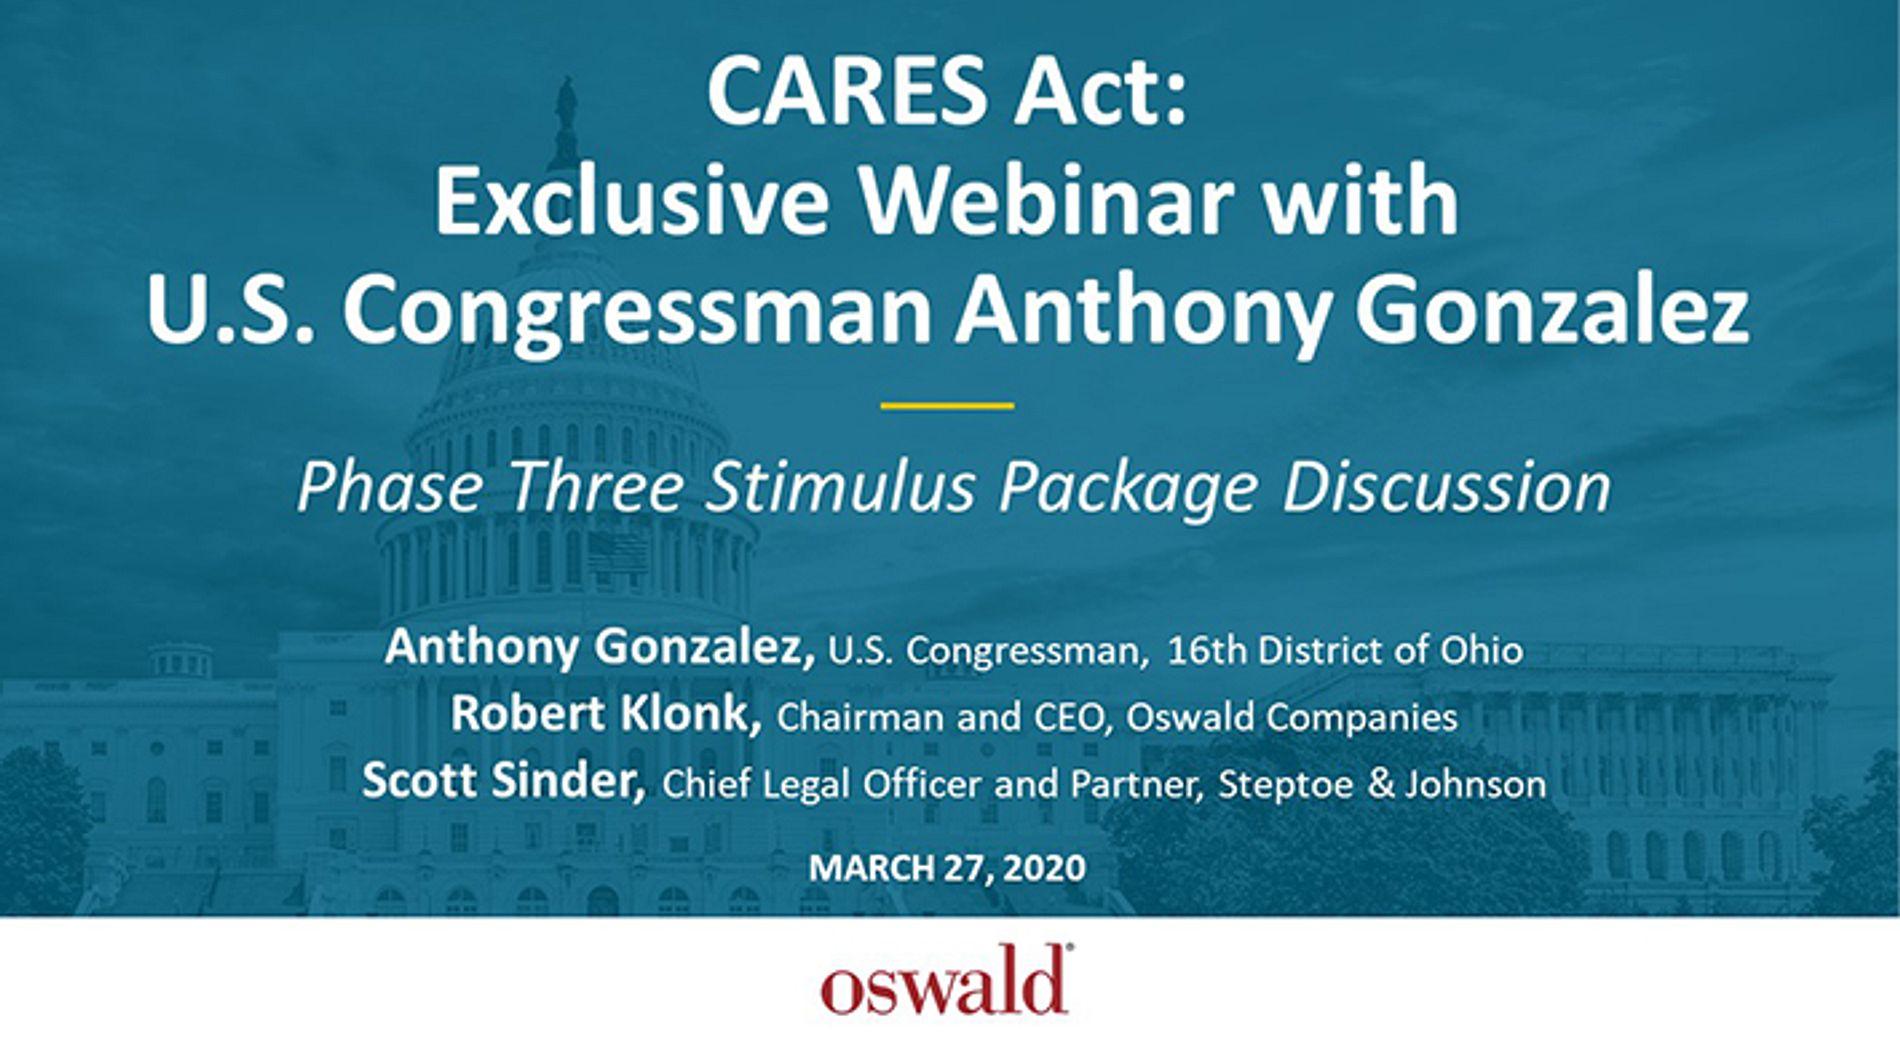 CARES Act Stimulus Phase 3 Webinar